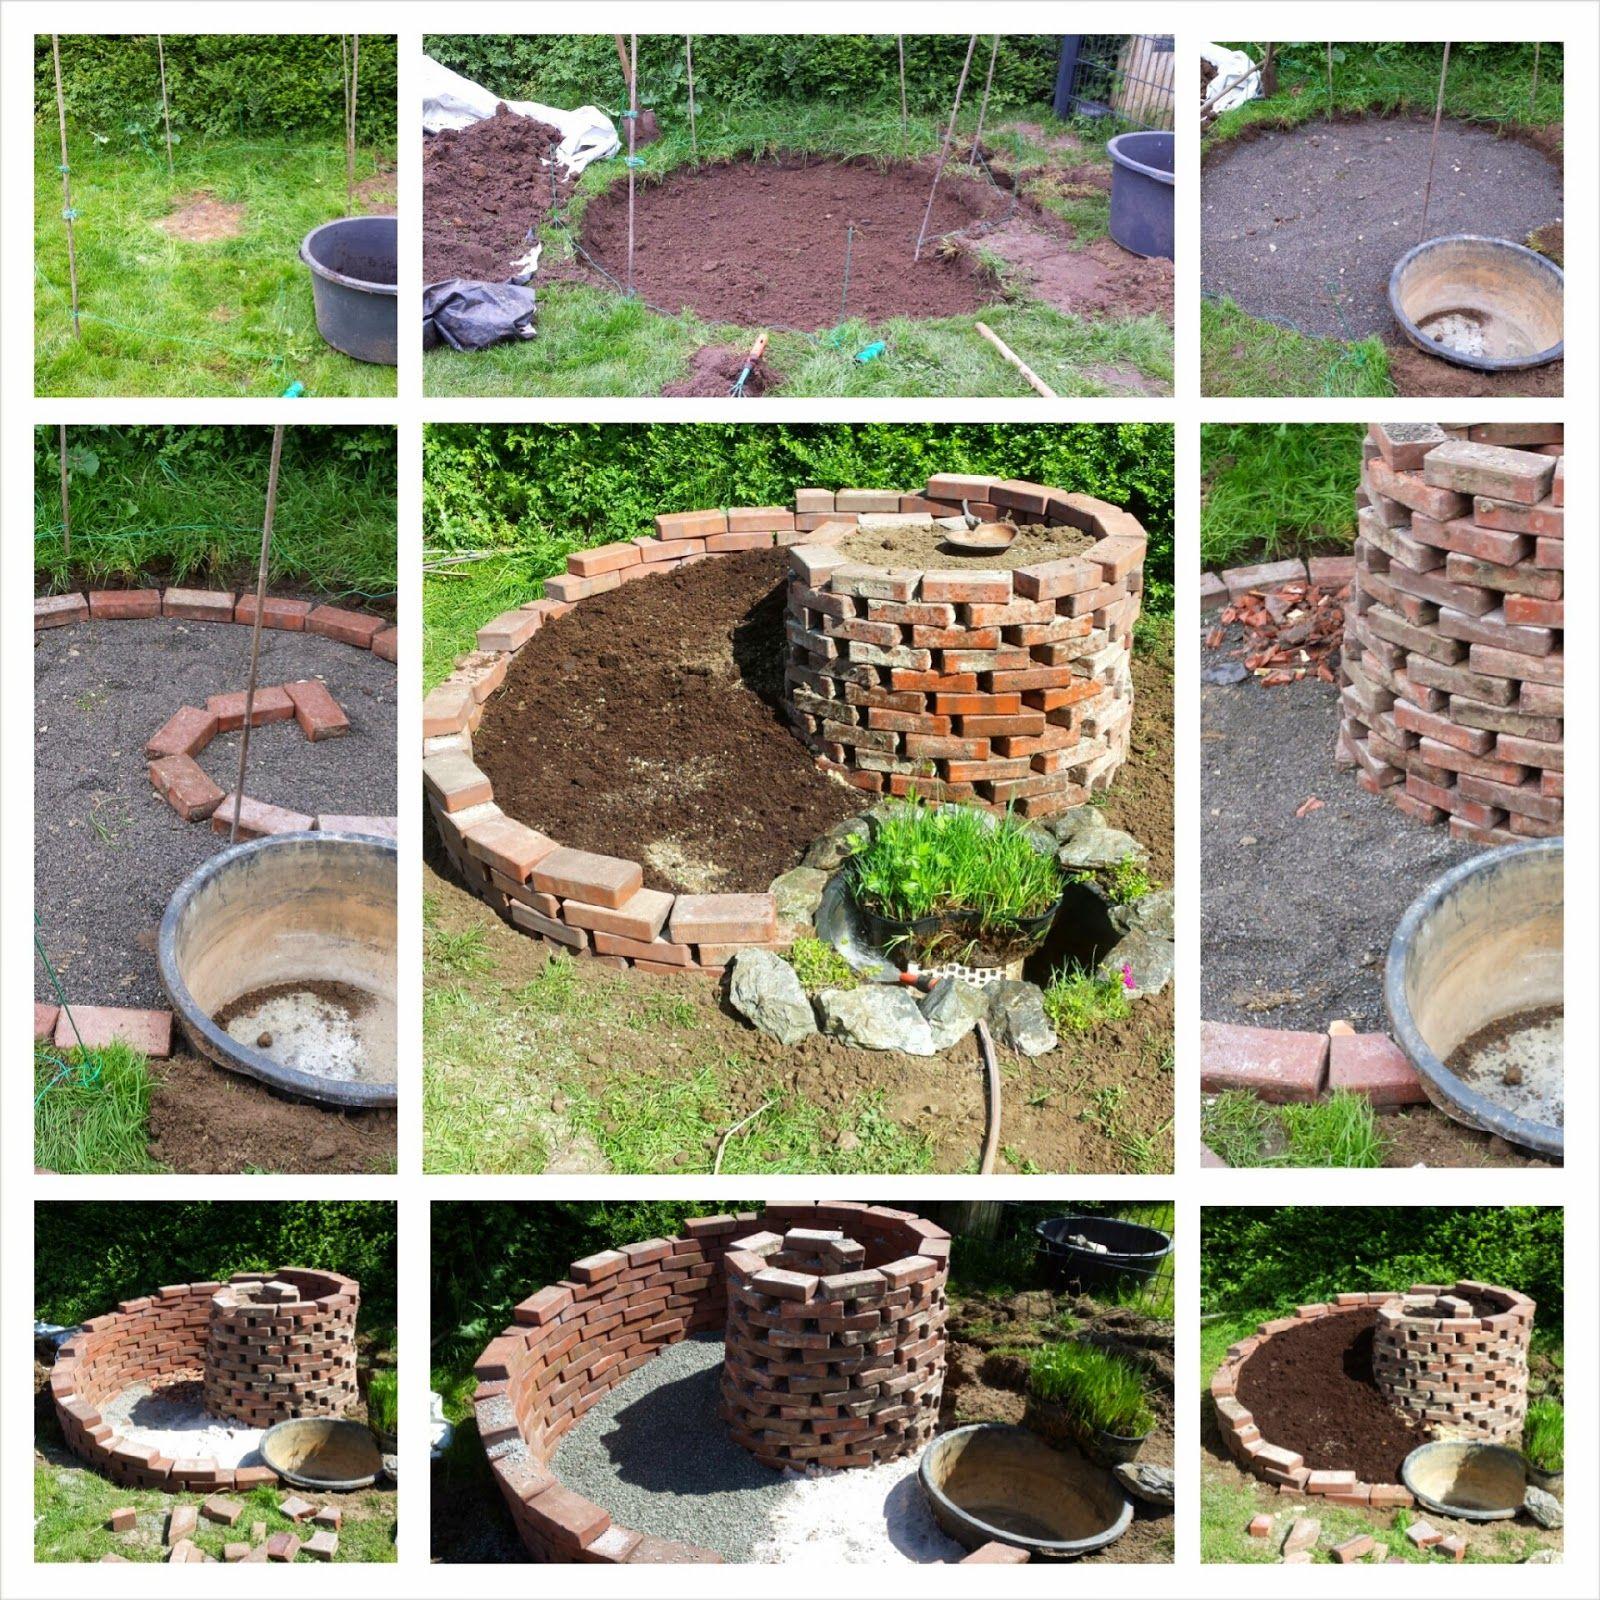 Feenwaldchen Krauterschnecke Garten Garten Pflanzen Und Garten Hochbeet